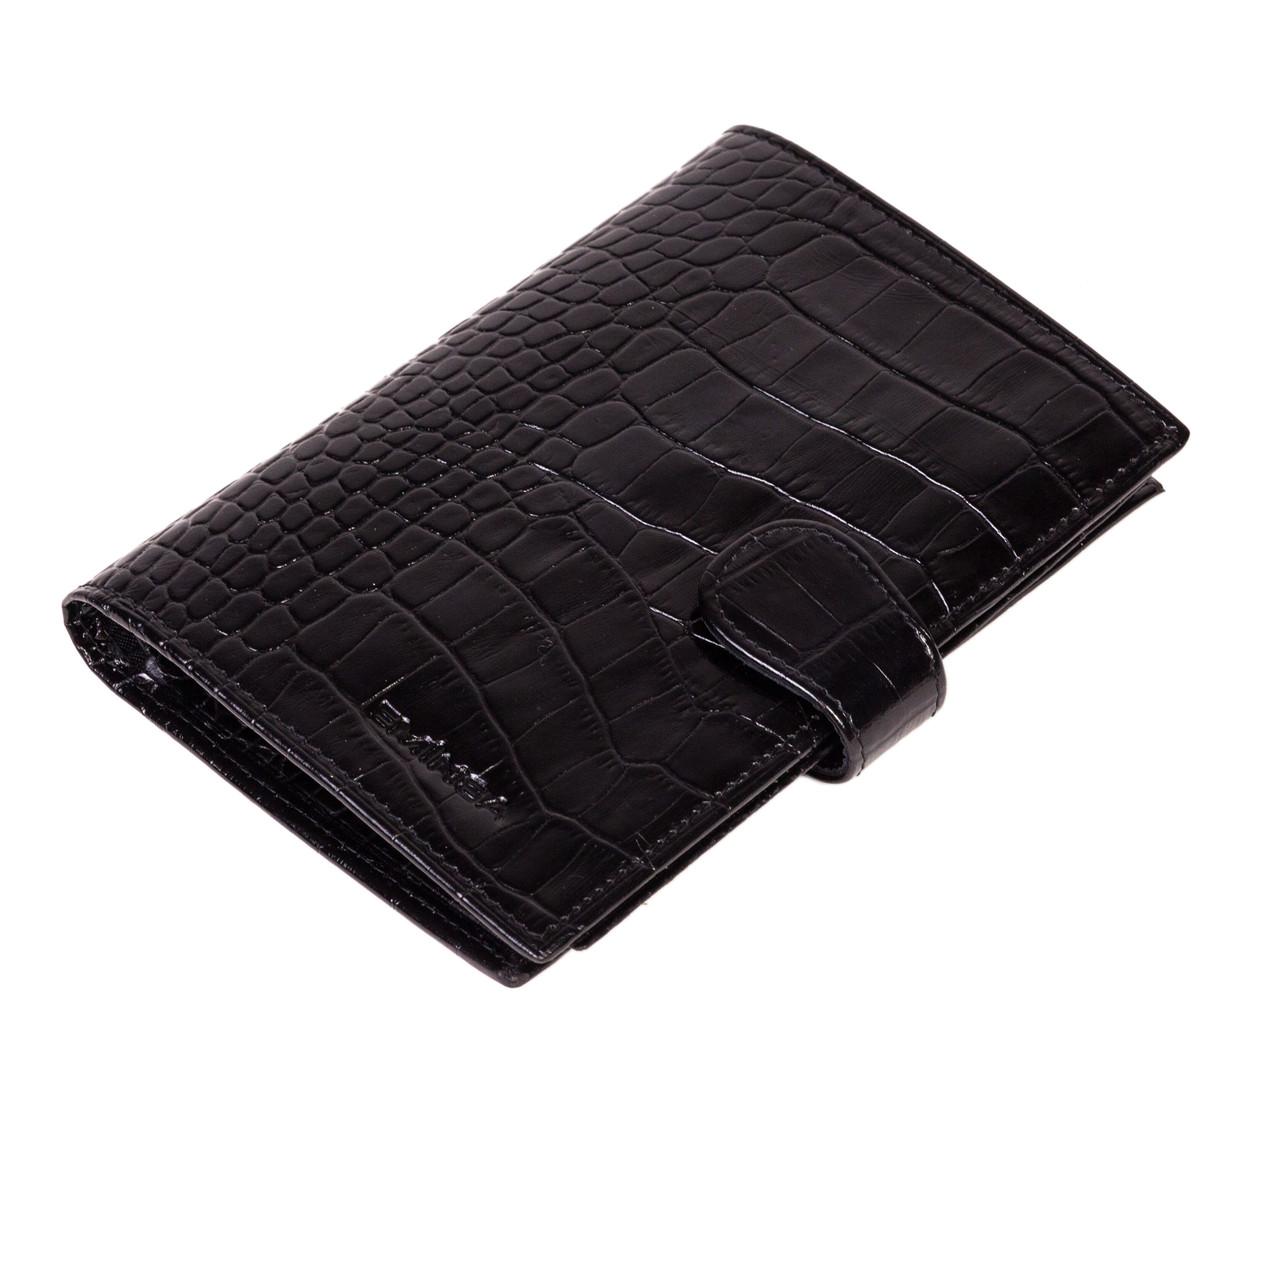 Мужское портмоне Eminsa 1001-4-1 кожаное с отделением для паспорта черное